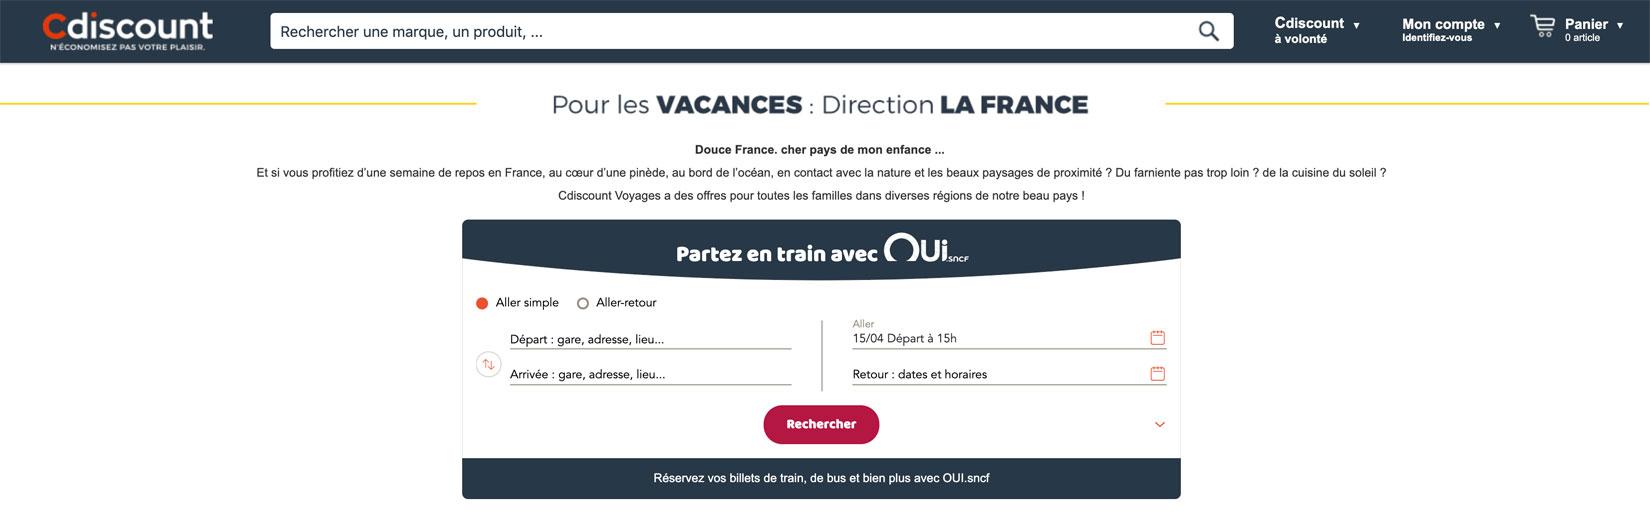 Cdiscount SNCF